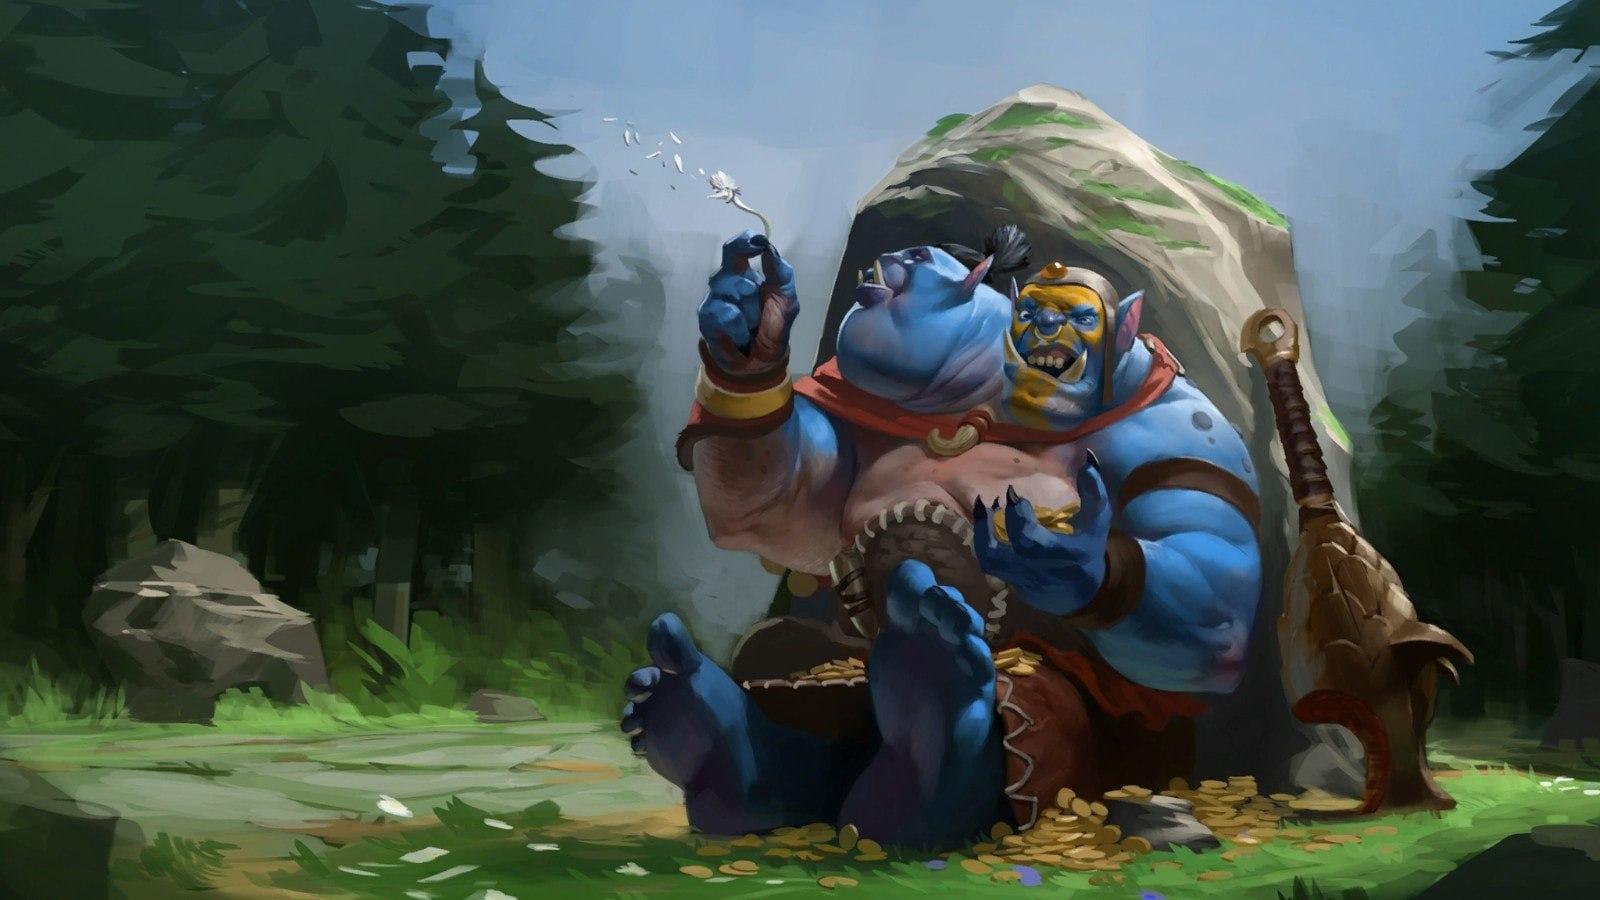 """ogre magi - Khi chuyên gia y tế """"chẩn đoán"""" bệnh cho các Hero Dota"""